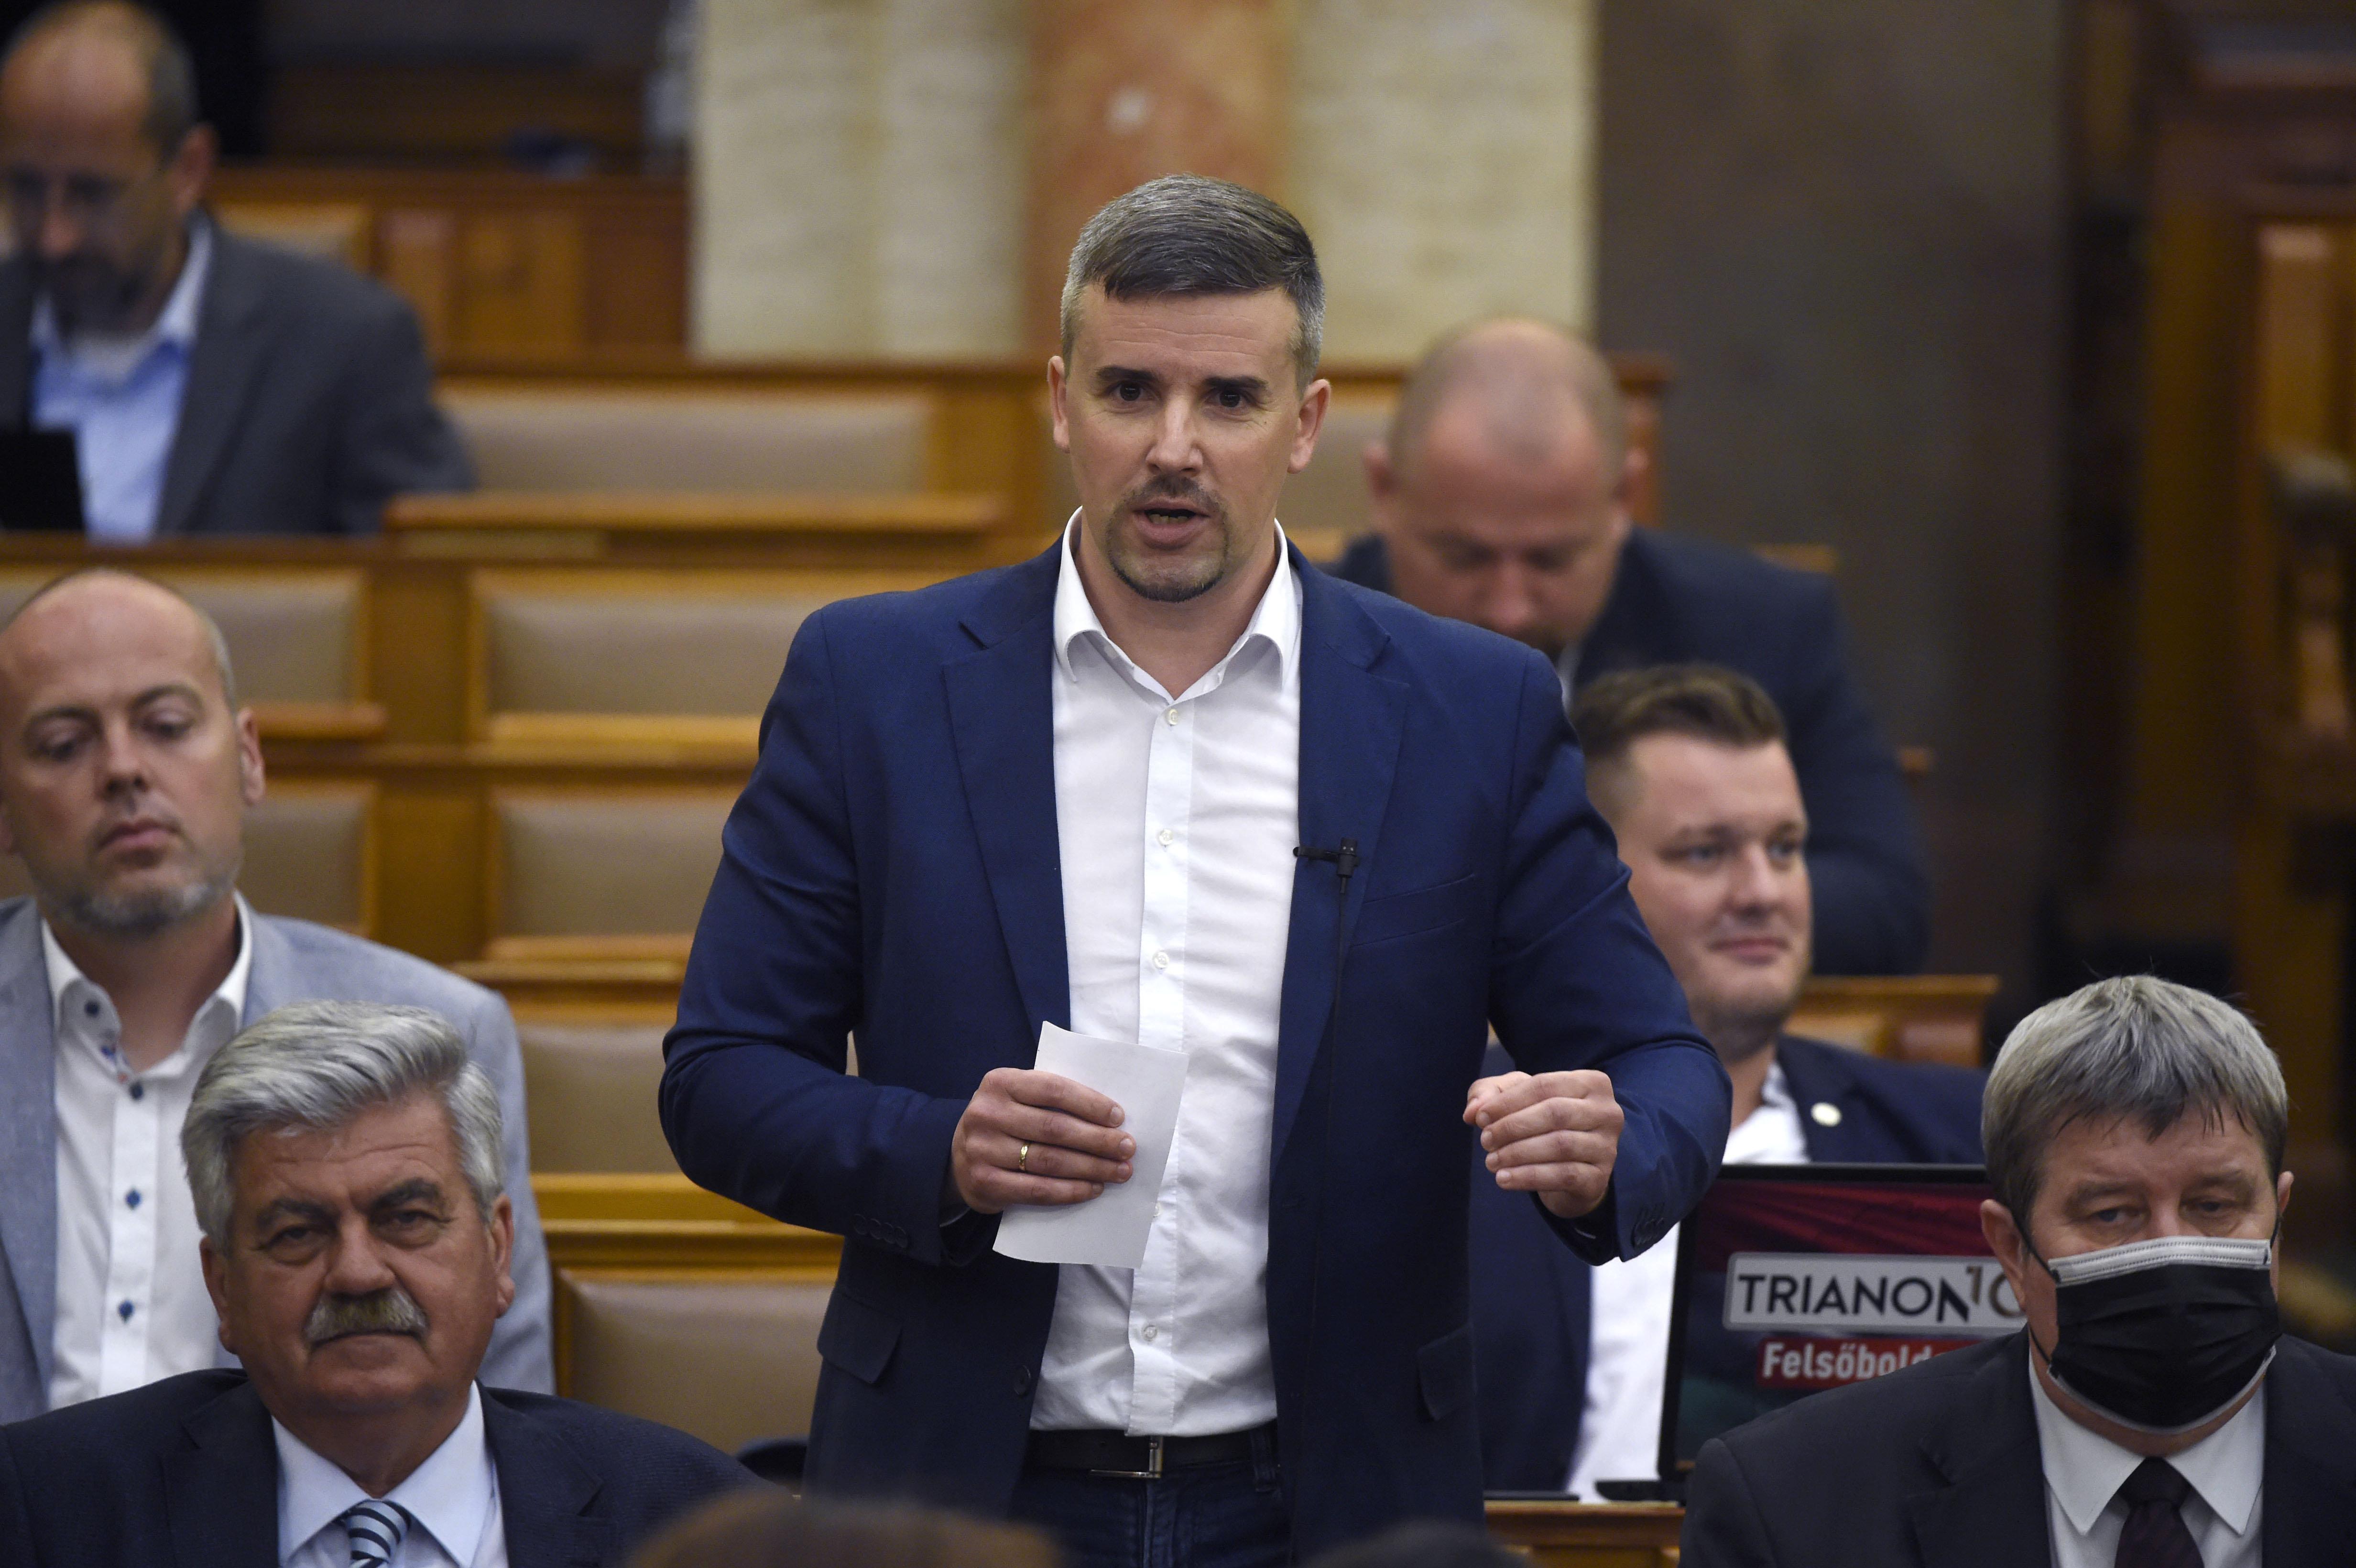 Az NVB szerint törvénysértően vették nyilvántartásba a Jobbikot a tiszaújvárosi időközi választásra